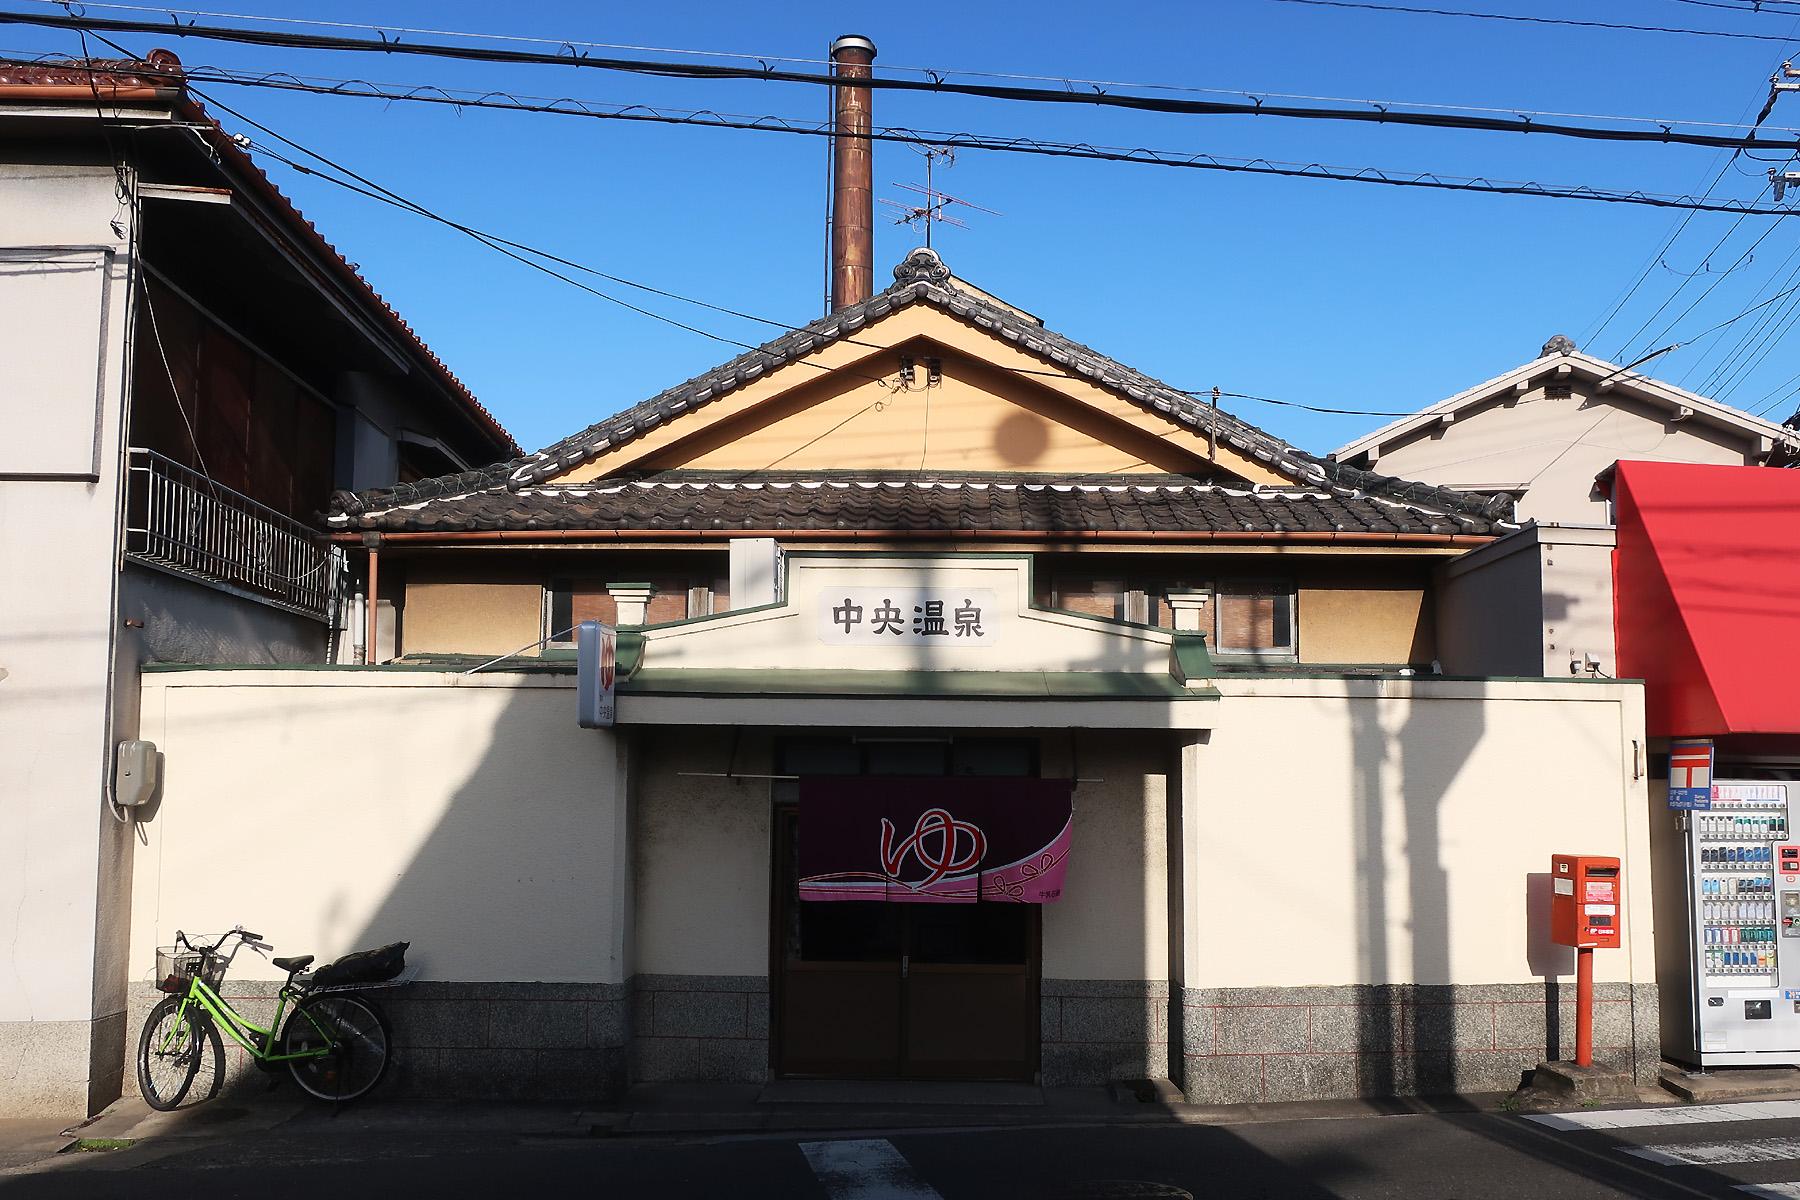 20180330_2 深井中央温泉 堺市中区深井北町757(2018_0330_162441)